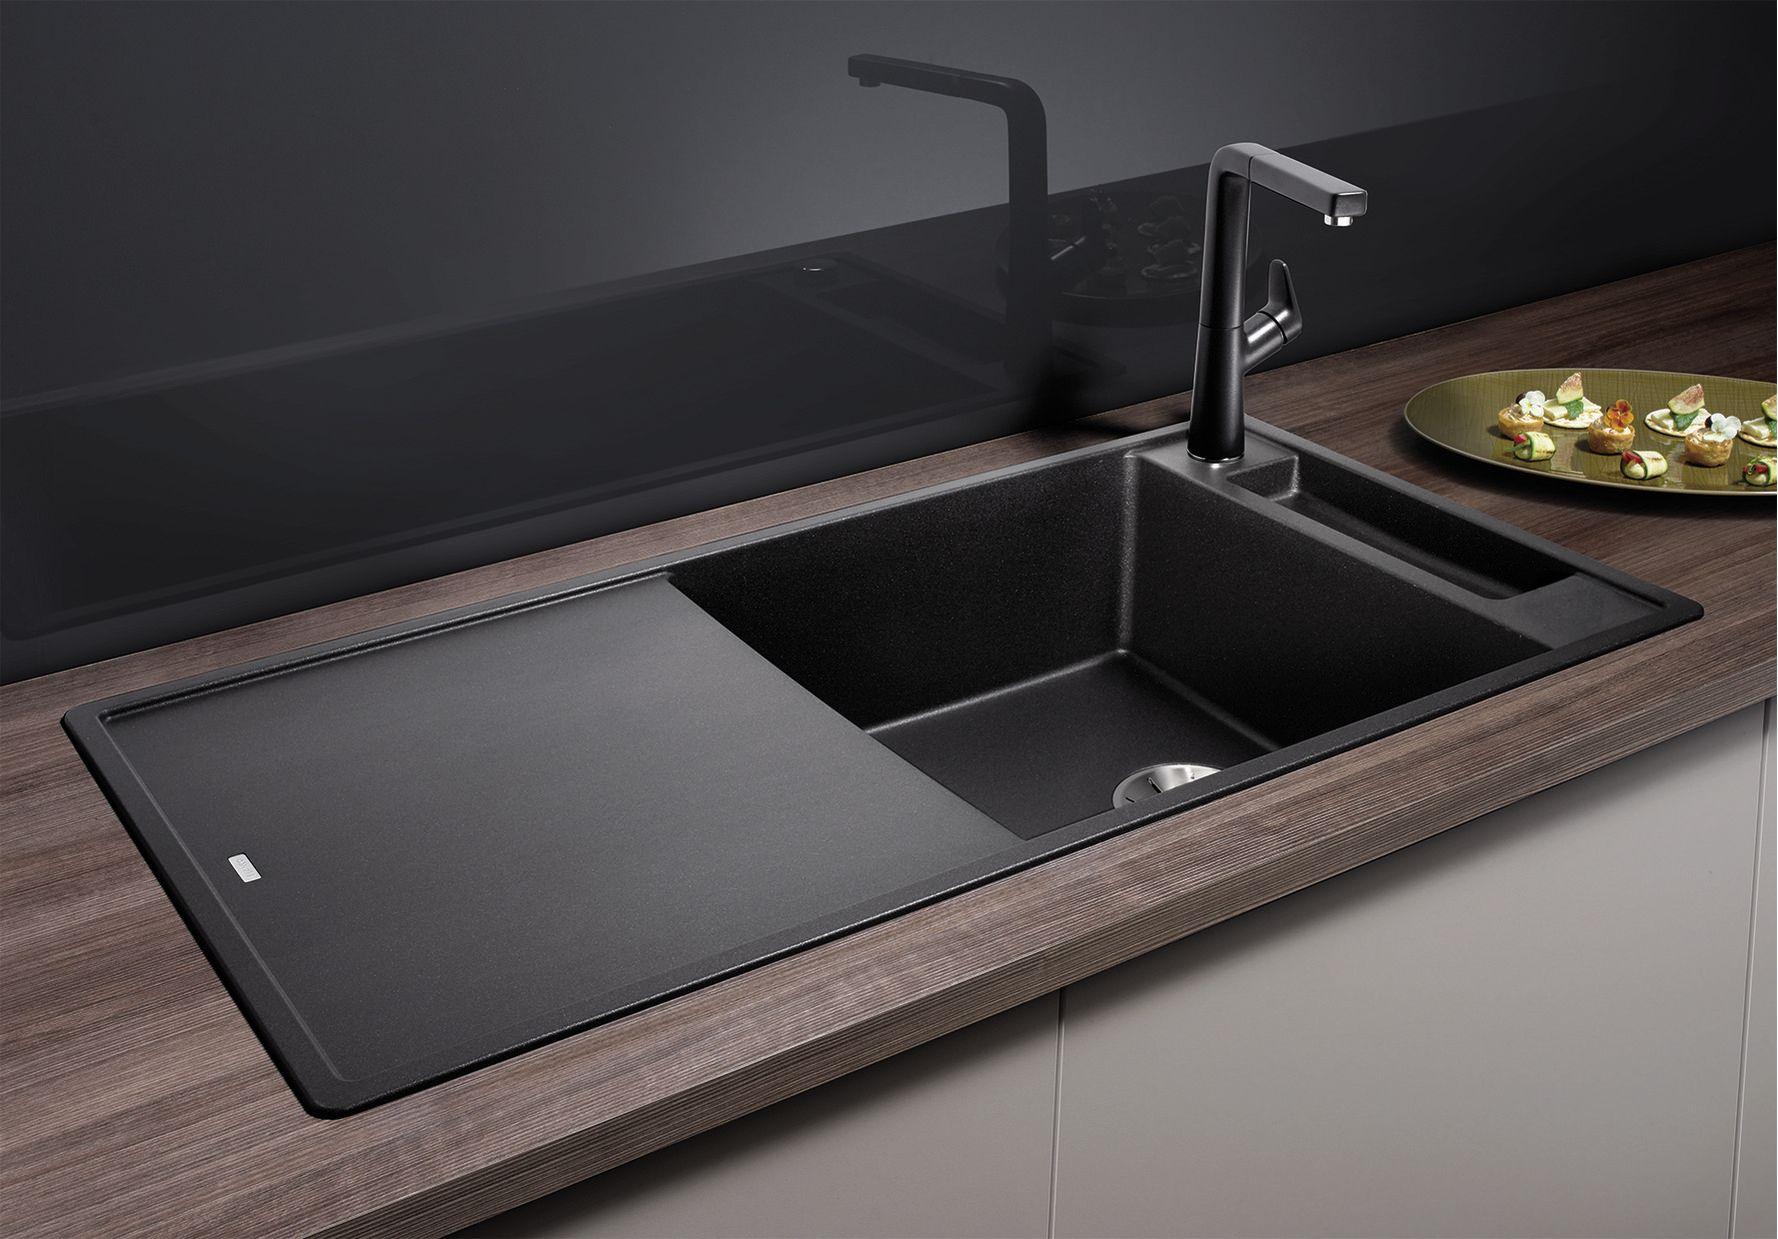 Full Size of Durchlauferhitzer Spüle Küche Spüle Küche Nobilia Spüle Küche Wasser Läuft Nicht Ab Unterschrank Spüle Küche Küche Spüle Küche